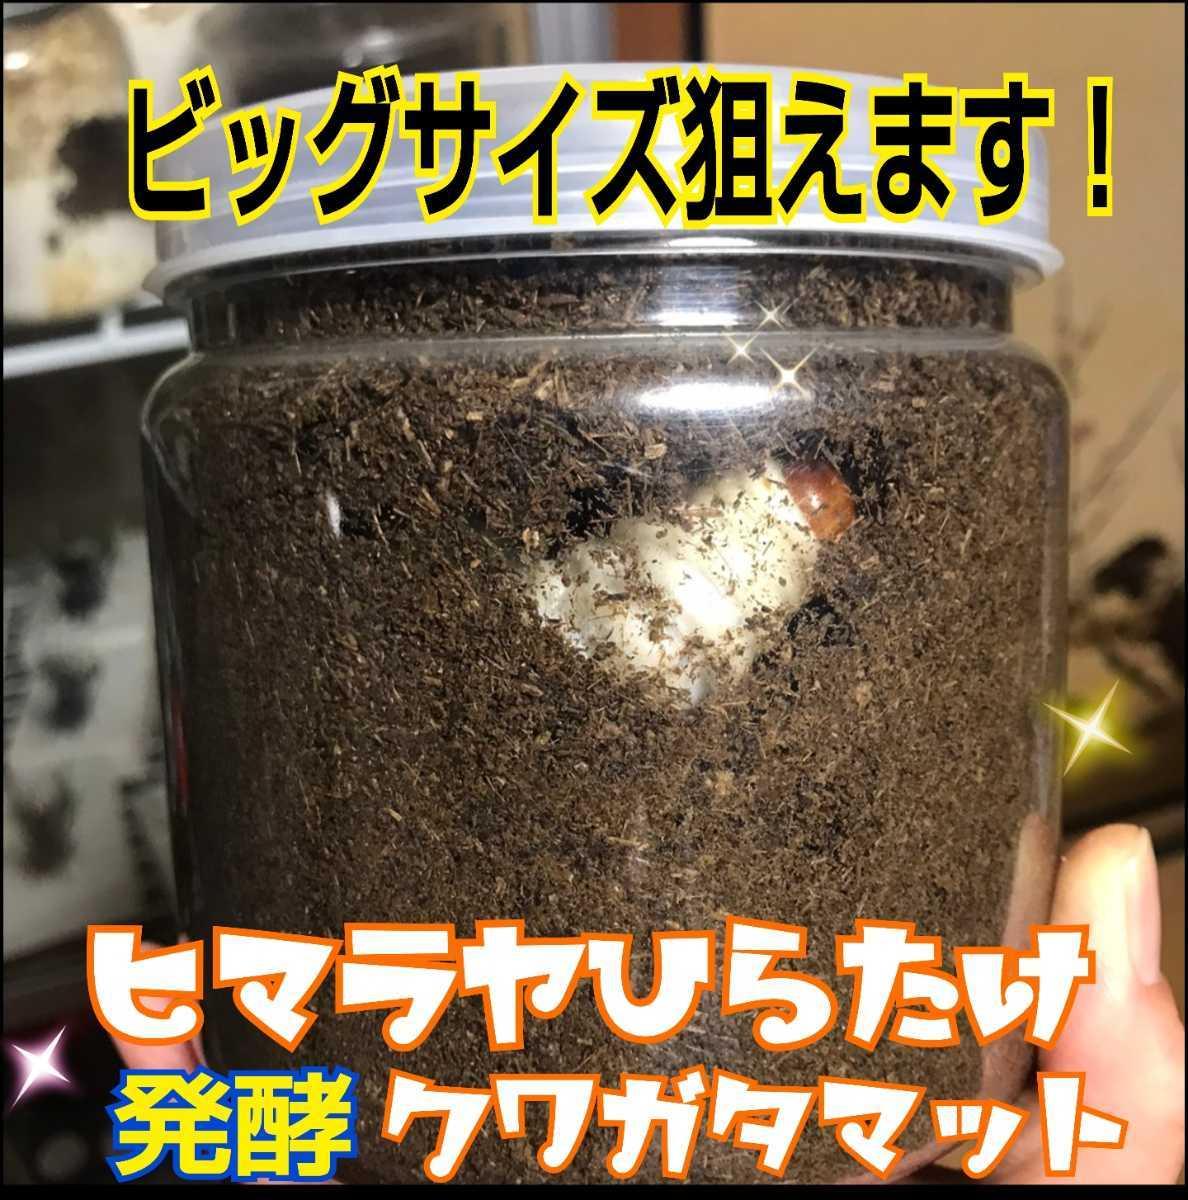 500リットル 幼虫がビッグサイズになります!ヒマラヤひらたけ菌床発酵マット!栄養価抜群!クヌギ100%原料 幼虫の餌、産卵マットにも抜群_画像9